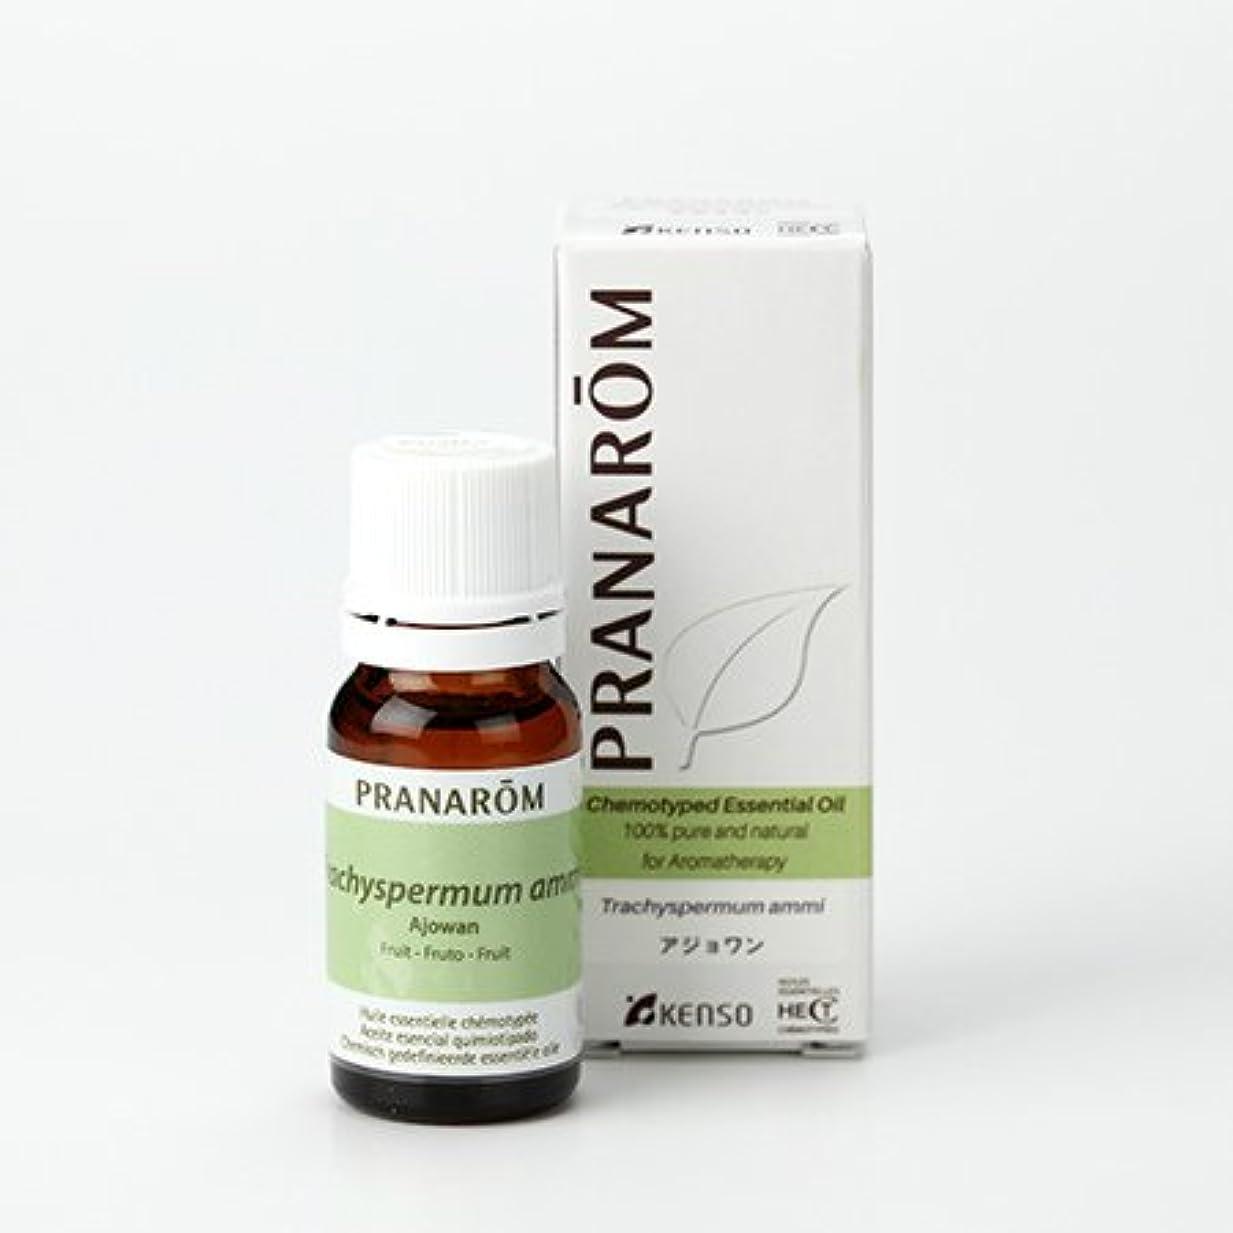 乳命令注ぎますプラナロム アジョワン 10ml (PRANAROM ケモタイプ精油)